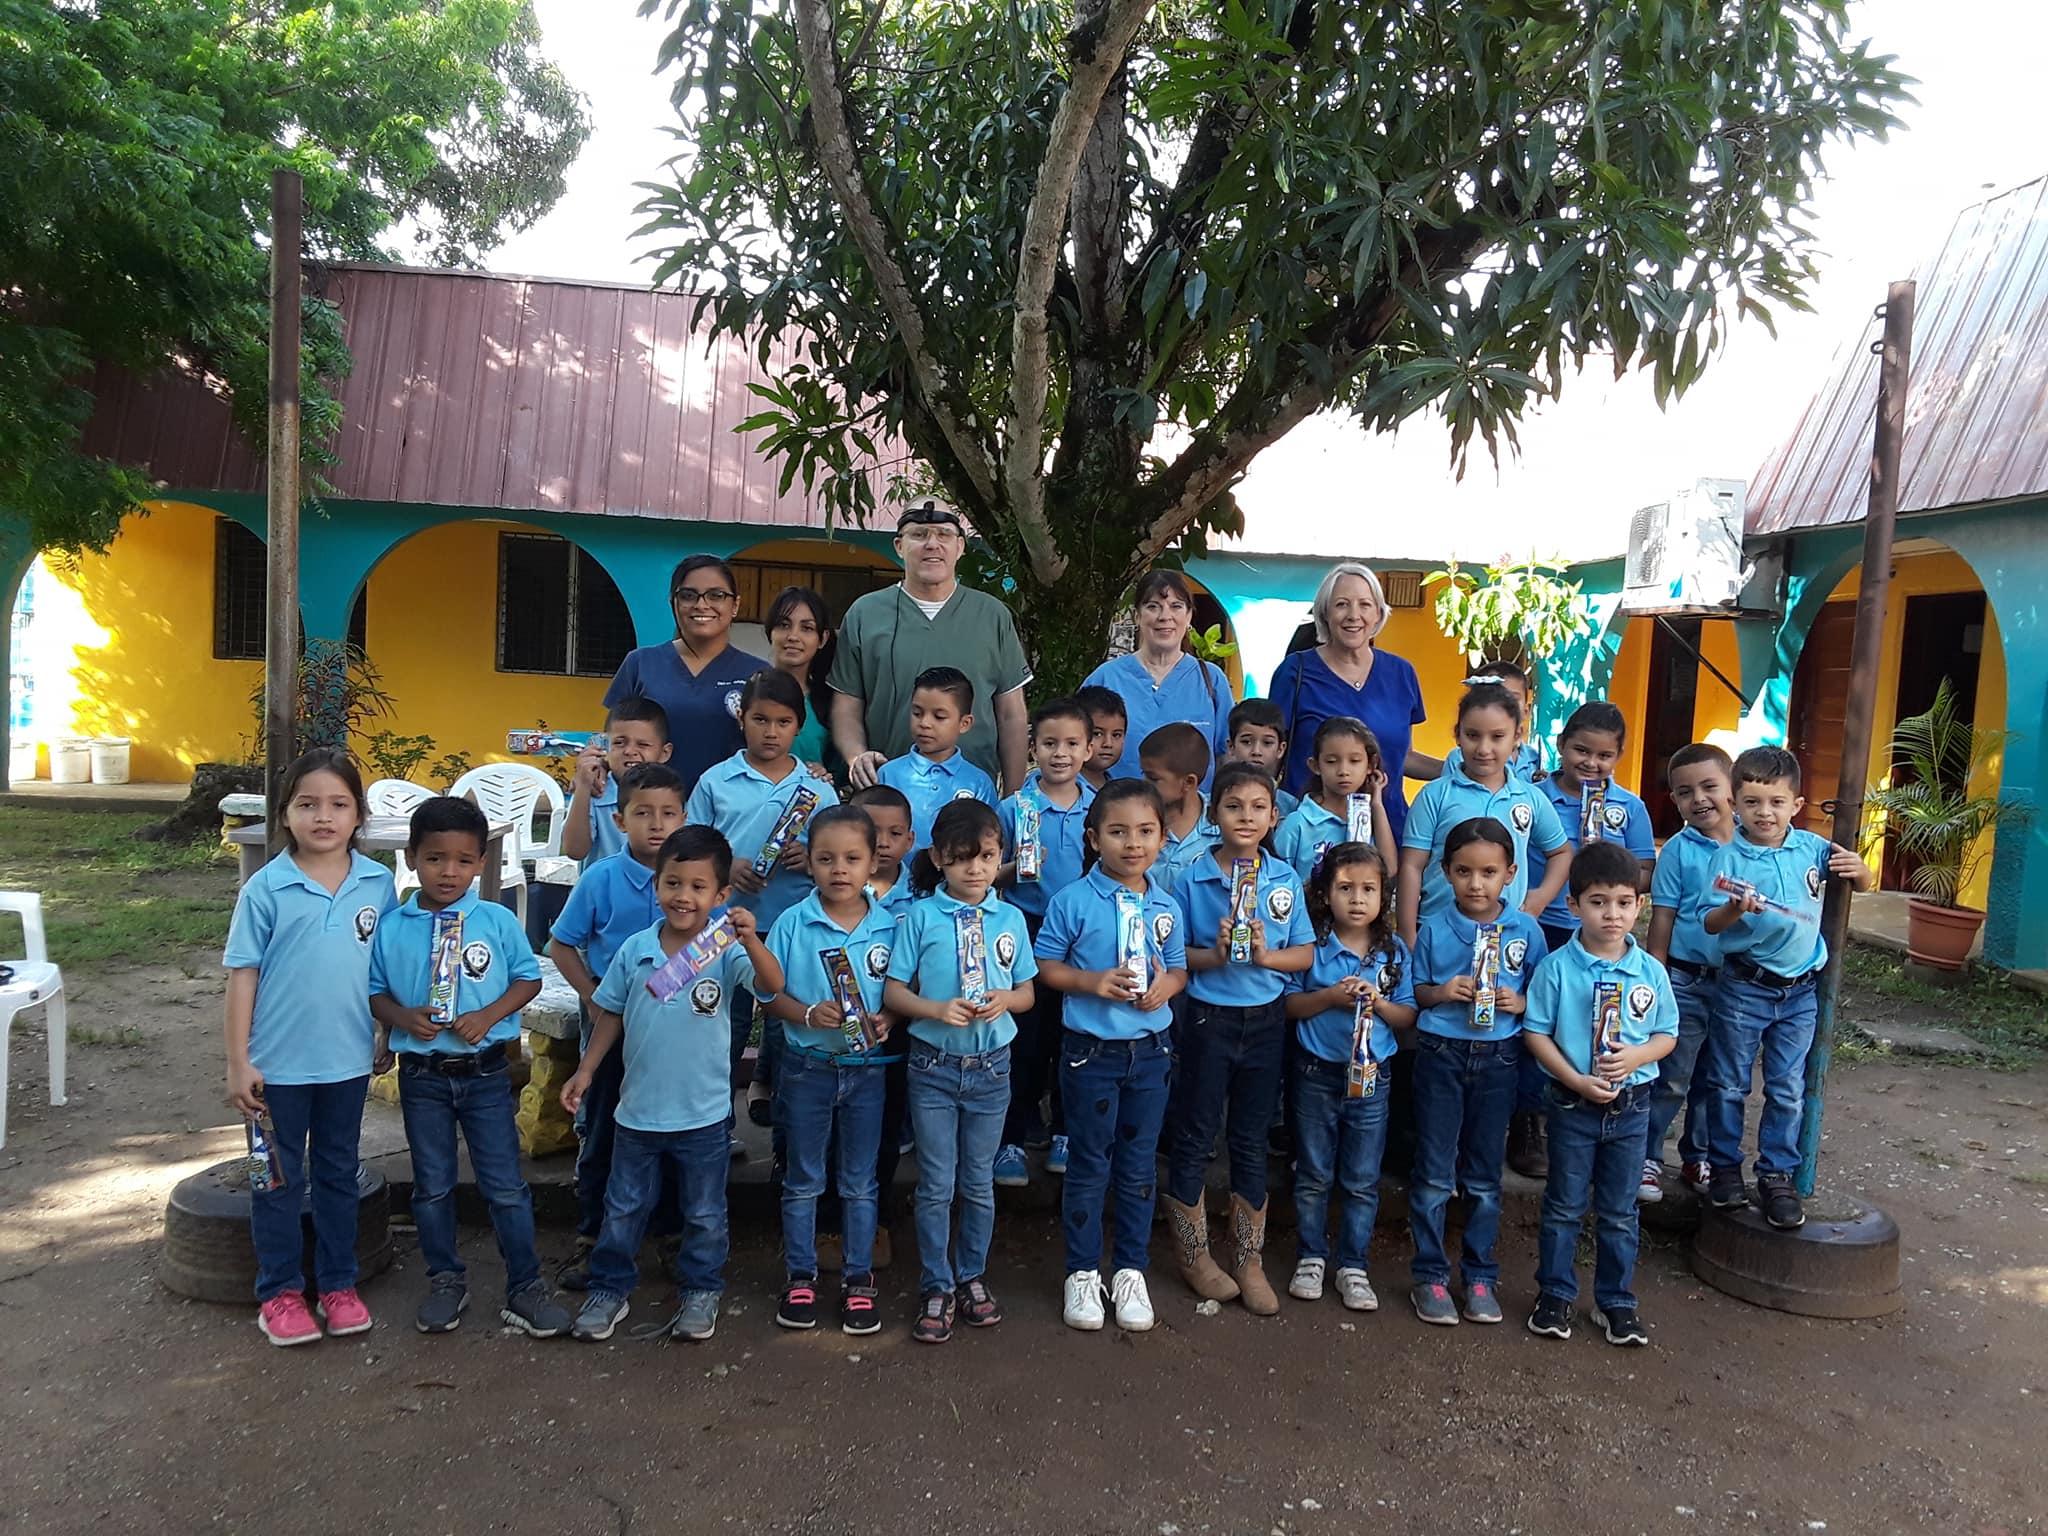 Honduras Sept 2018 19